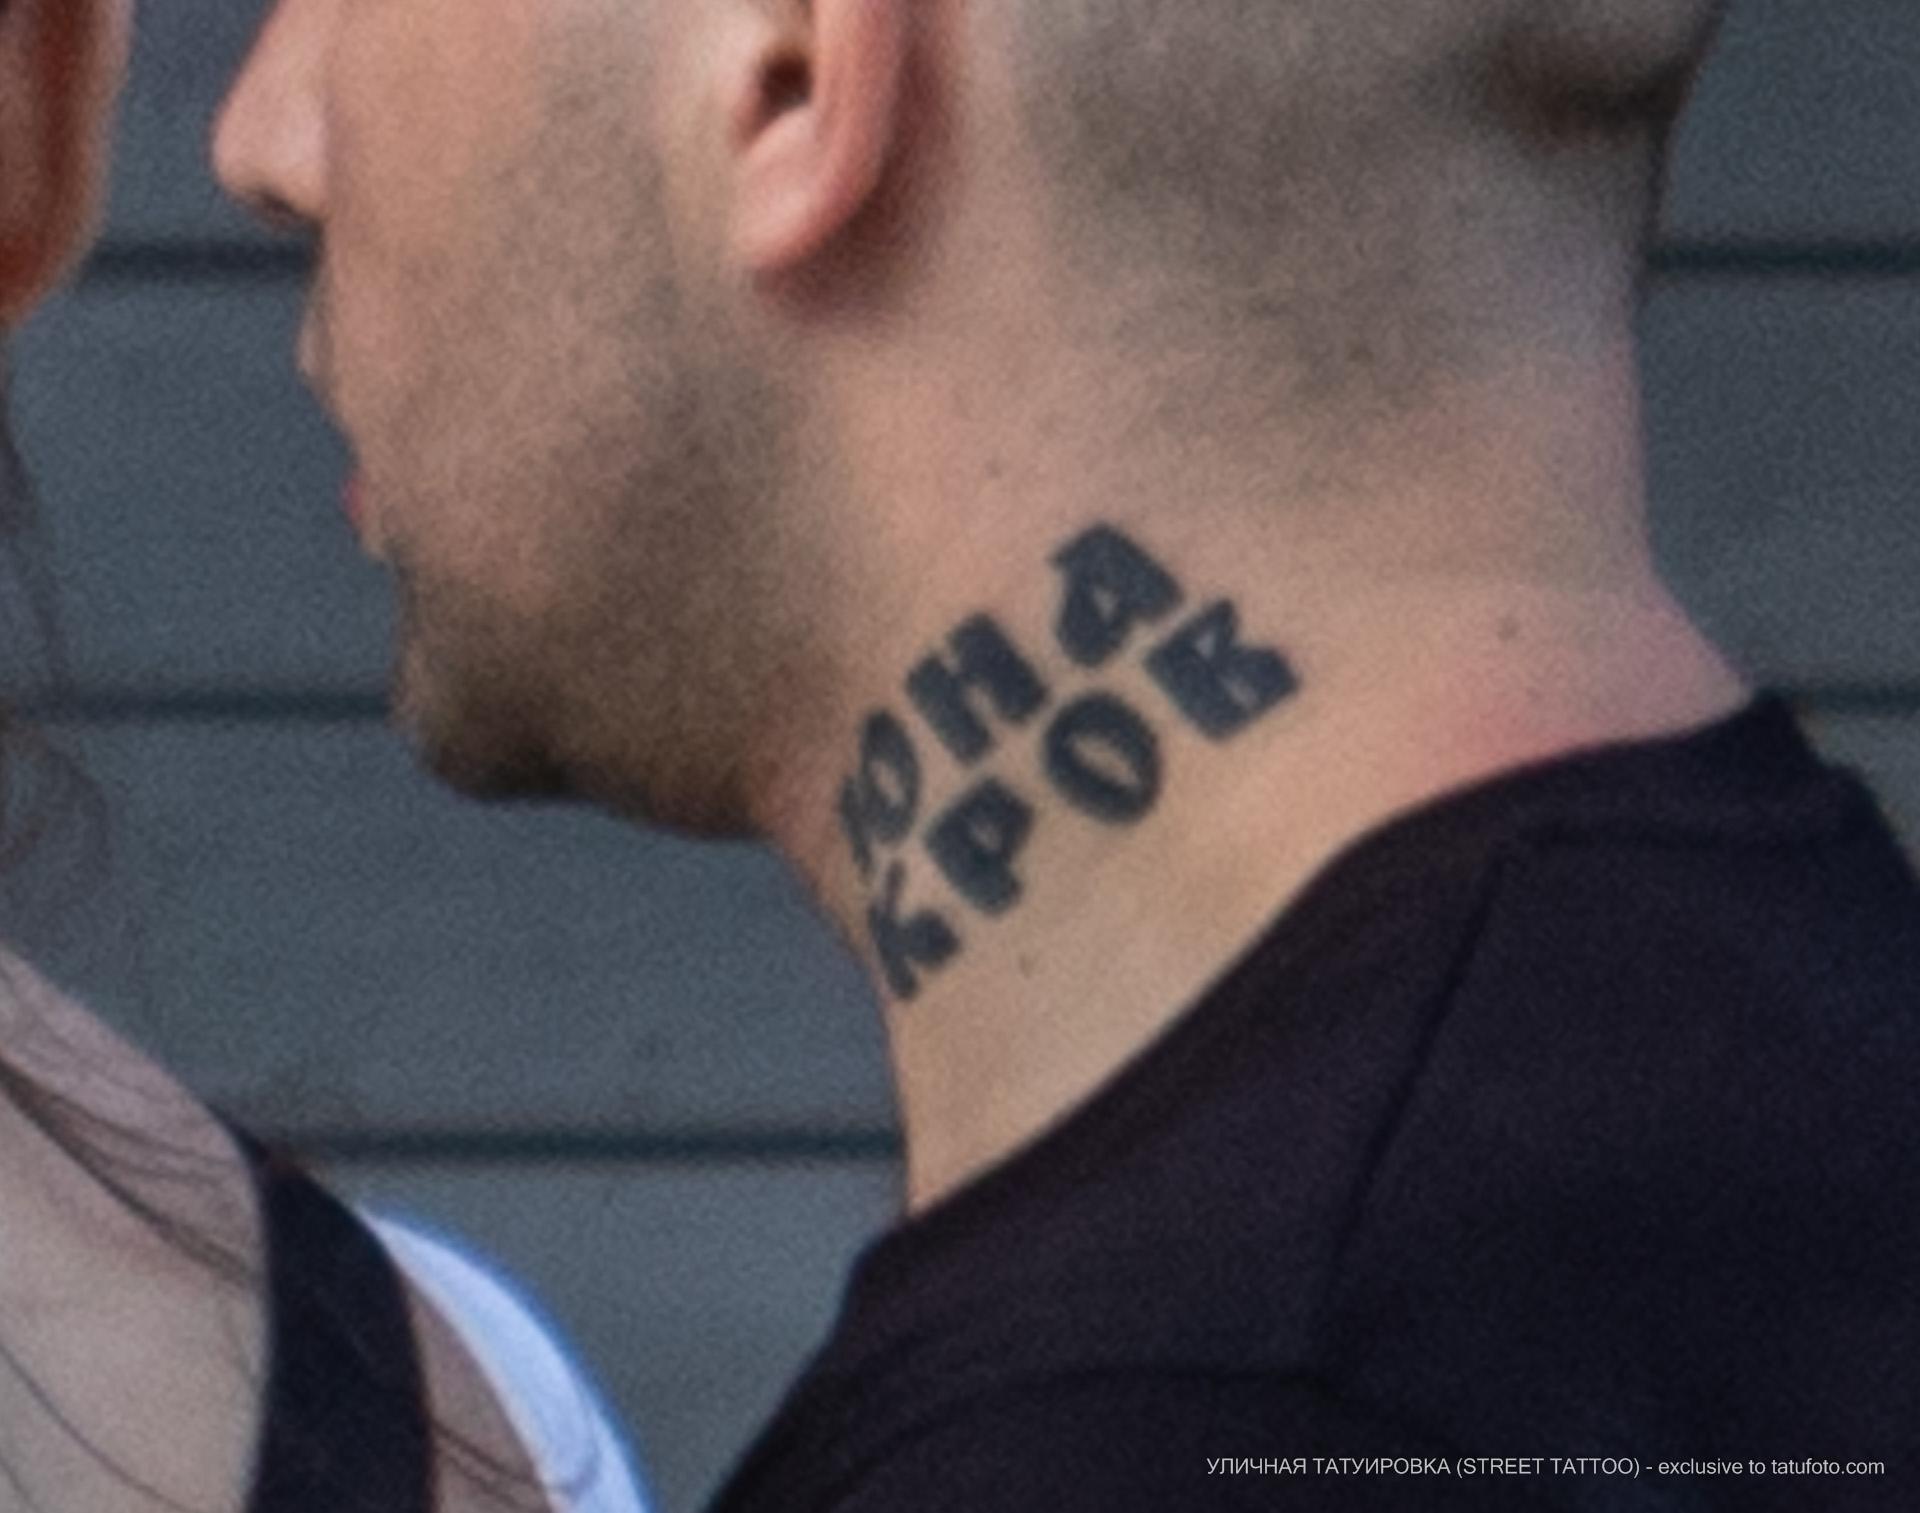 Фото тату на шее мужчины с надписью ЮНА КРОВ – Уличная татуировка (street tattoo) № 06 – 18.06.2020 – tatufoto.com 1